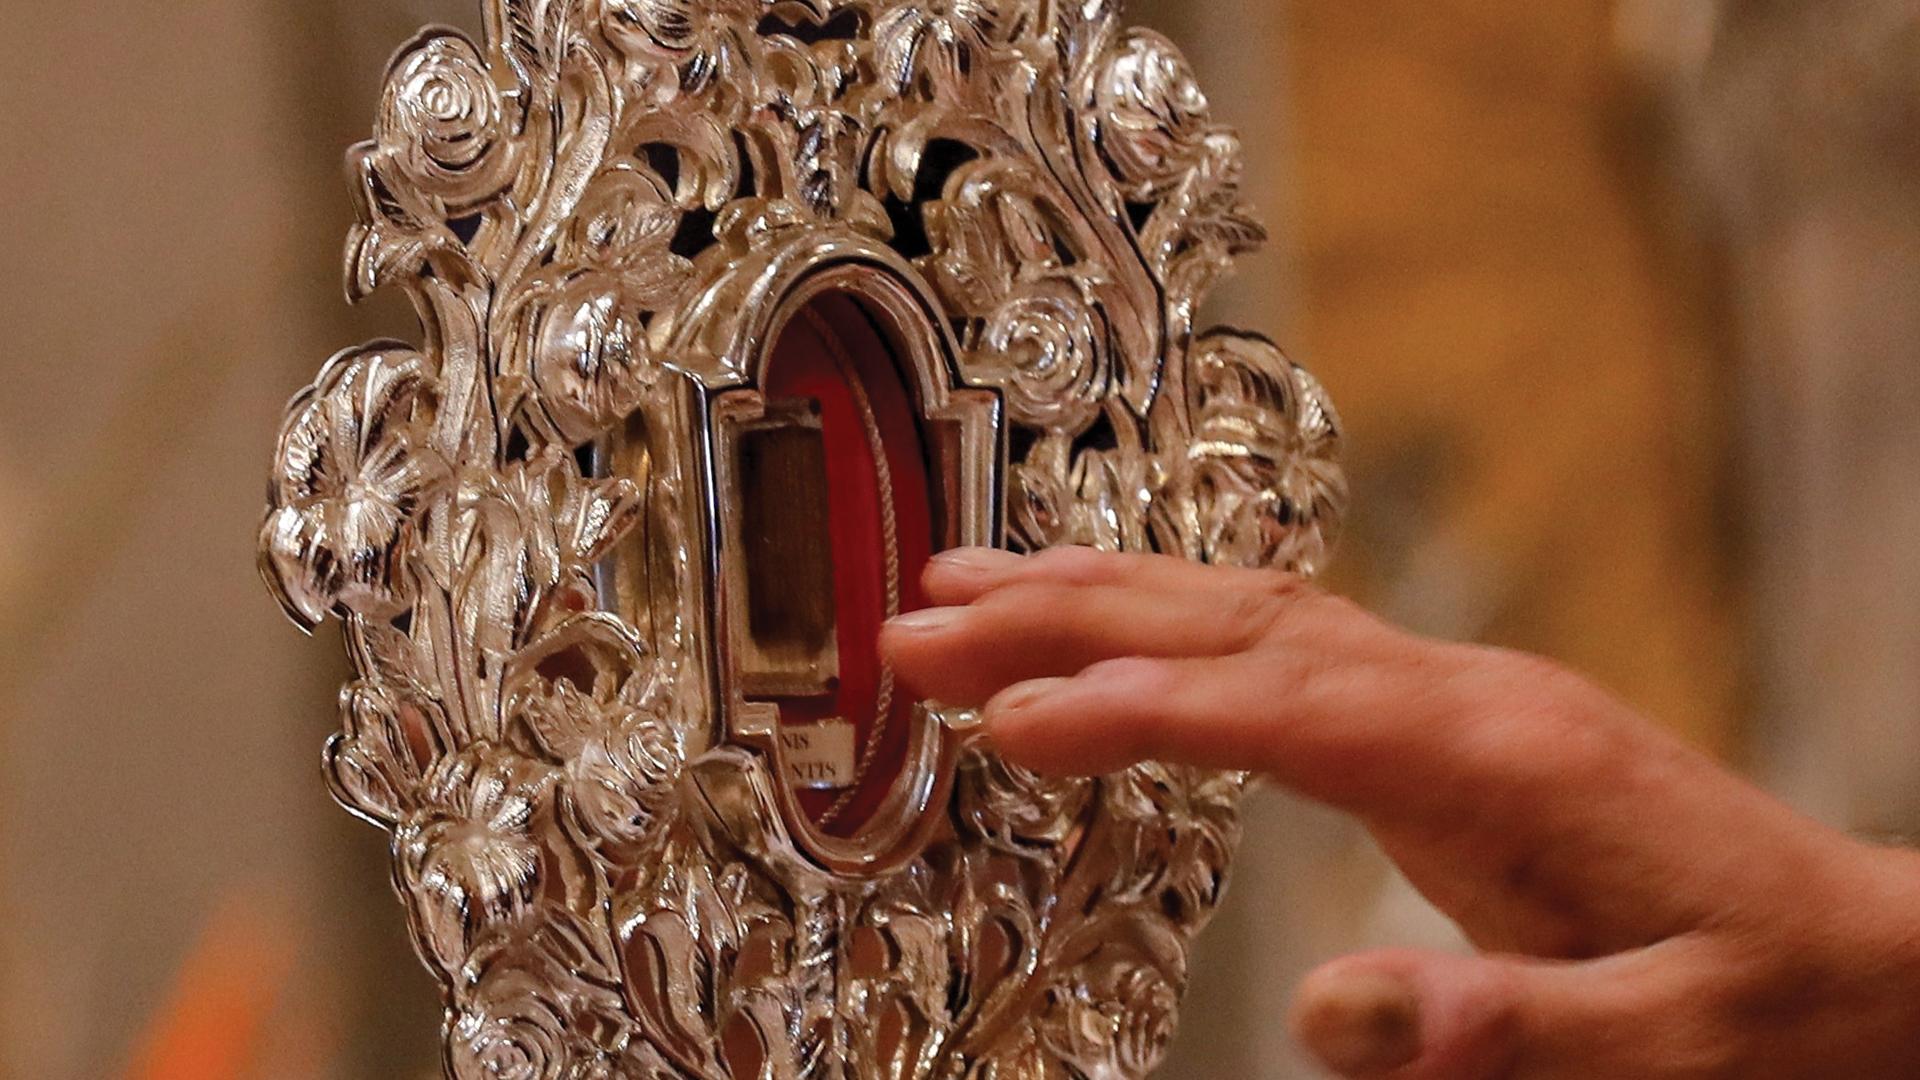 Venerada reliquia del pesebre de Jesús regresa a Belén